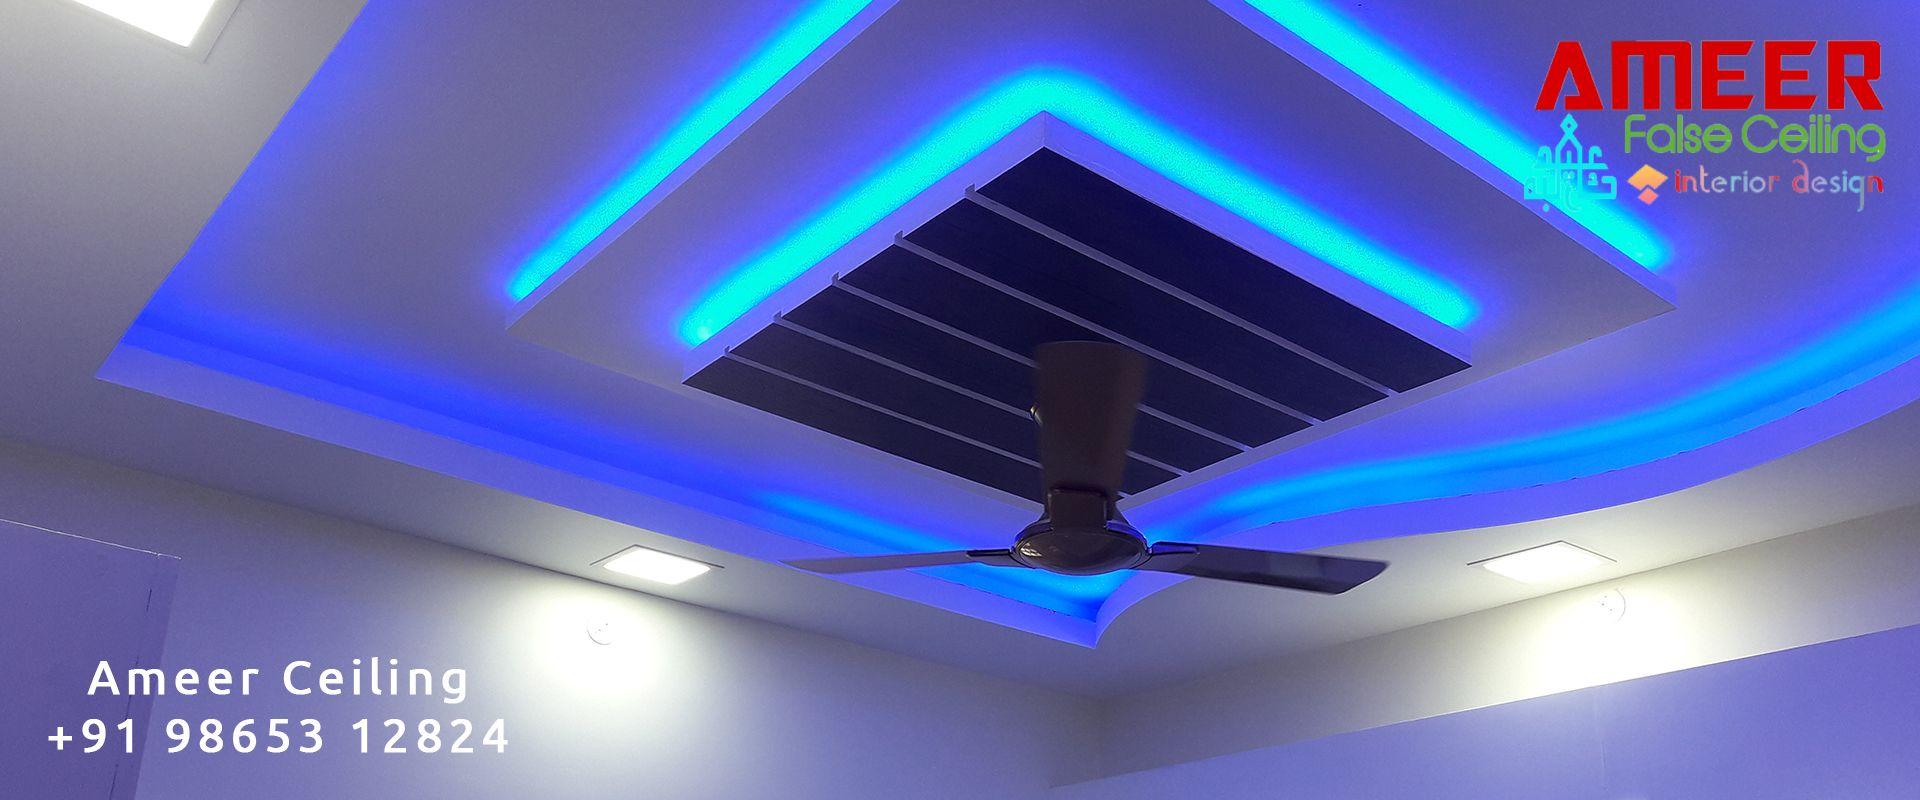 false ceiling pictures interior designers ideas